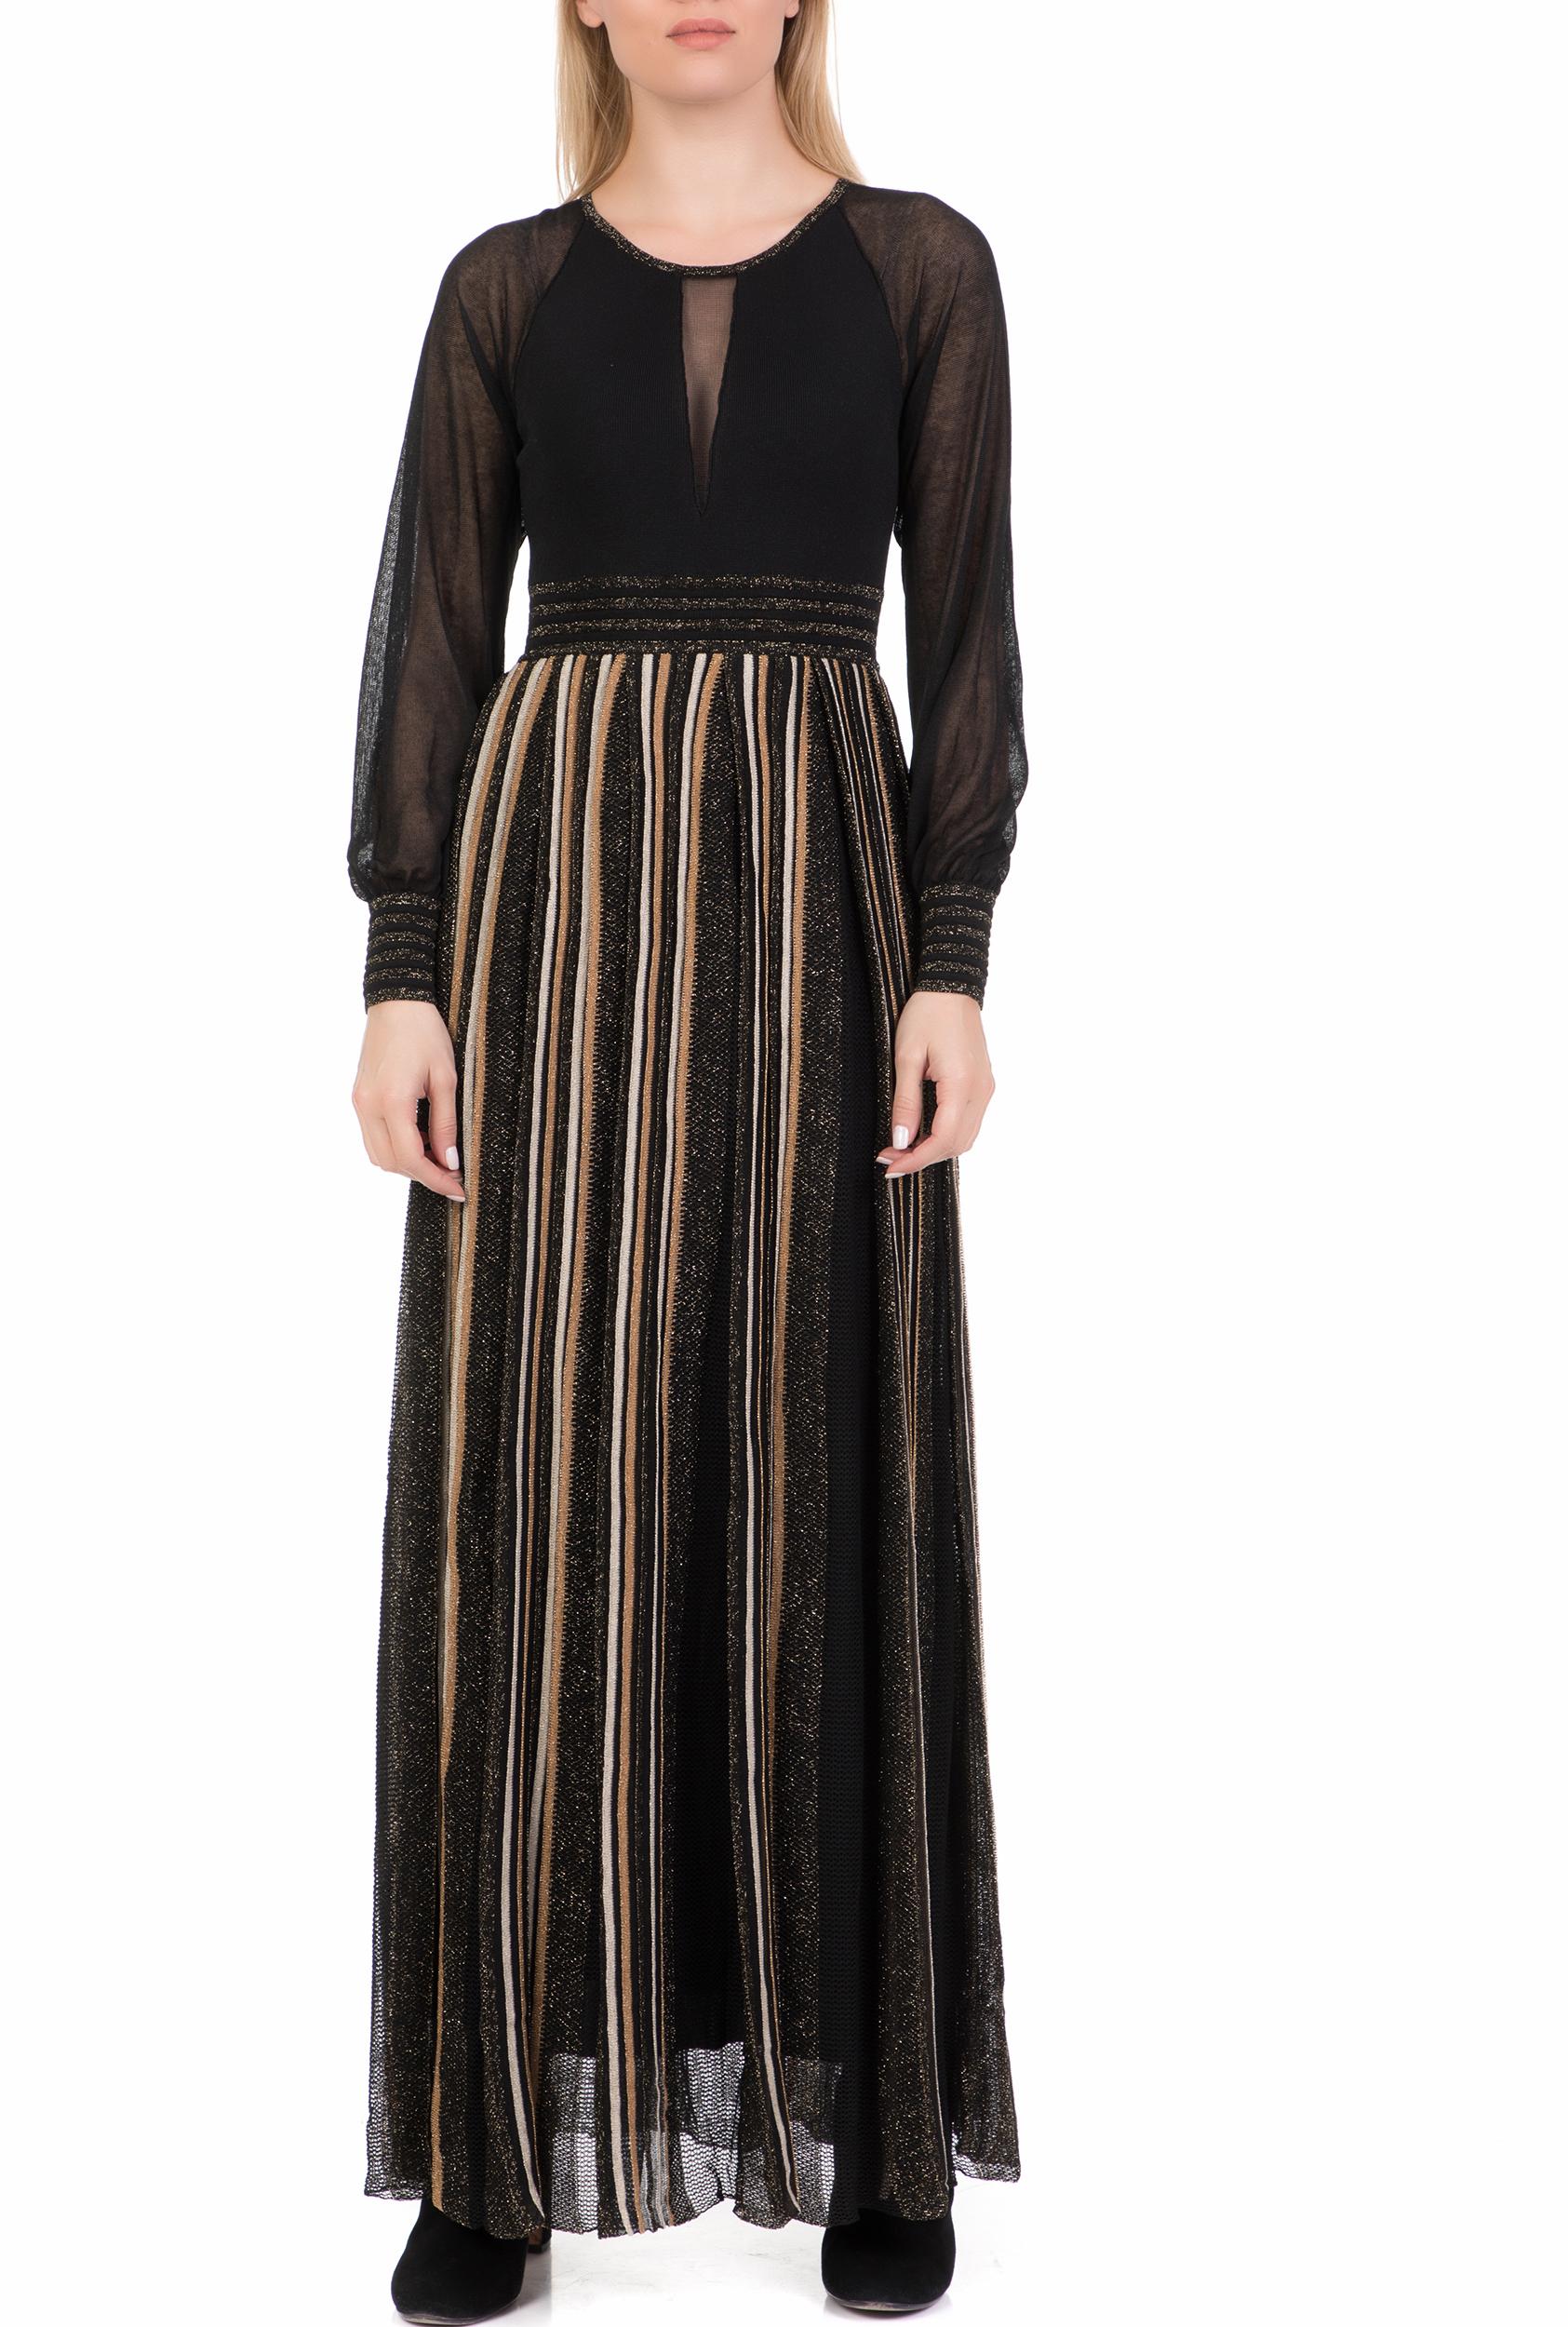 NENETTE - Γυναικείο μάξι φόρεμα NENETTE μαύρο-χρυσό γυναικεία ρούχα φόρεματα μίνι